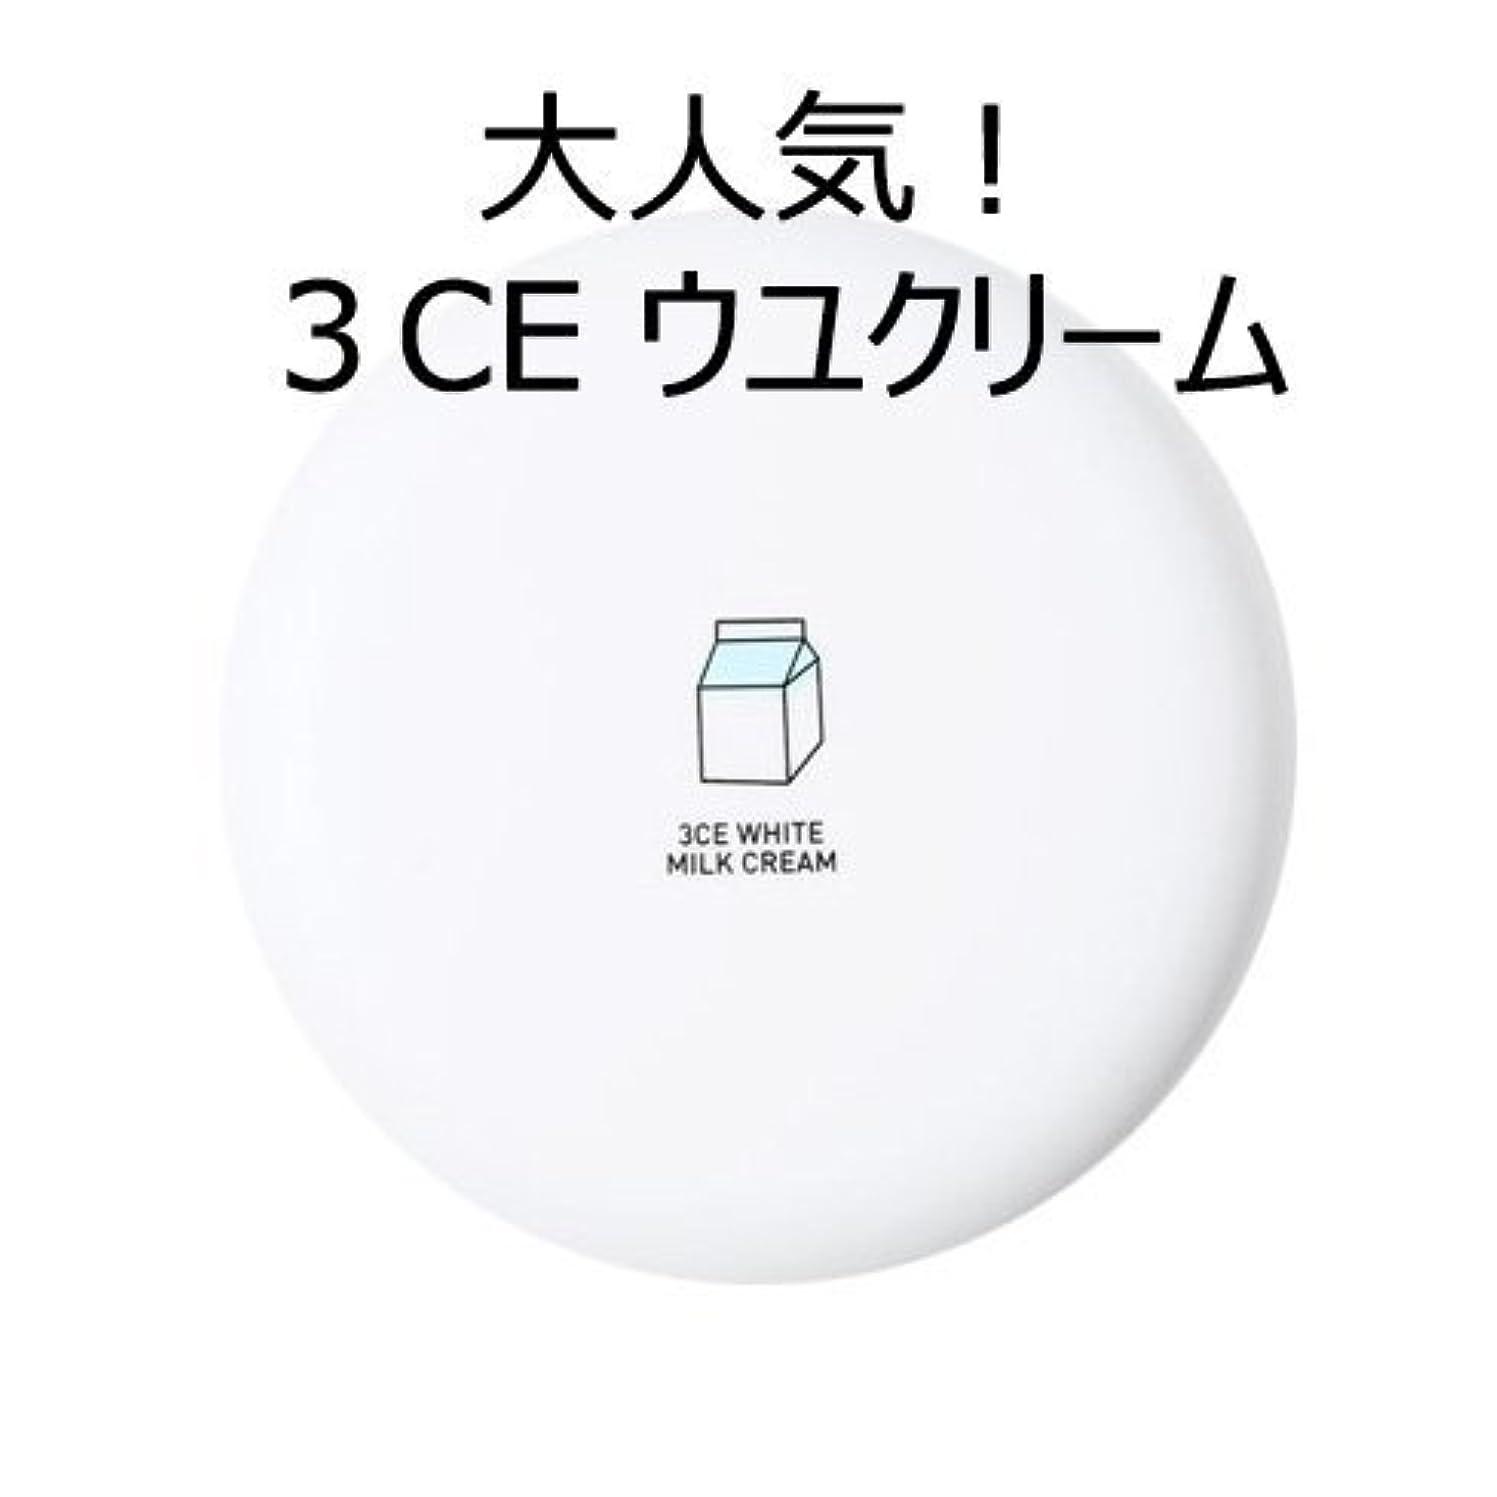 説明する警報マーガレットミッチェル[3CE] [大人気!話題のウユクリーム] 3CE White Milk Cream [並行輸入品]